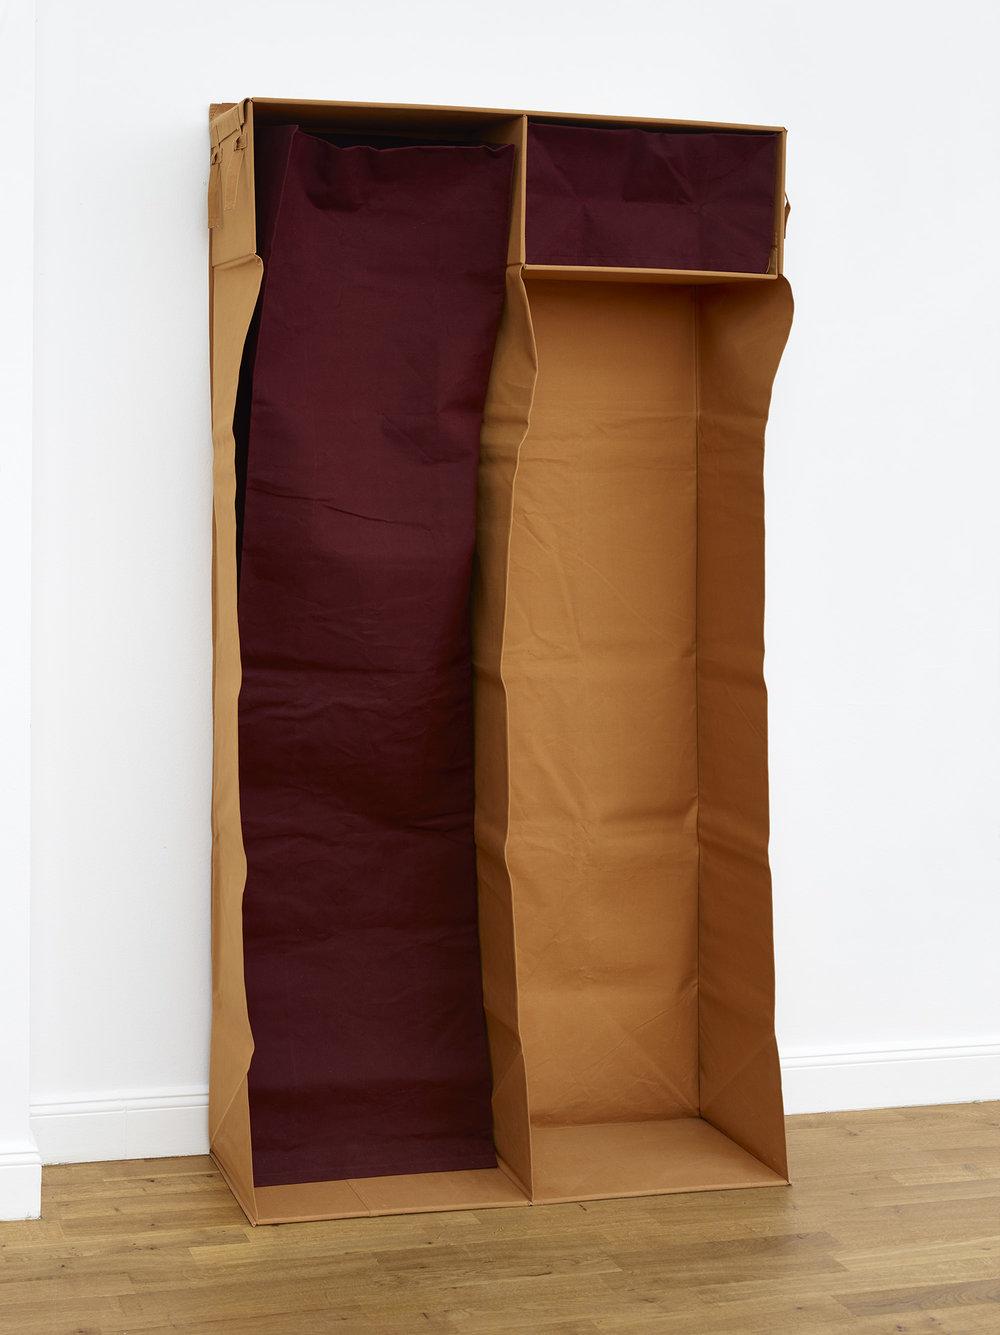 Für den Körper für den Kopf | 1986 | Objekt aus Leinwand | 78 x 230 x 31 cm